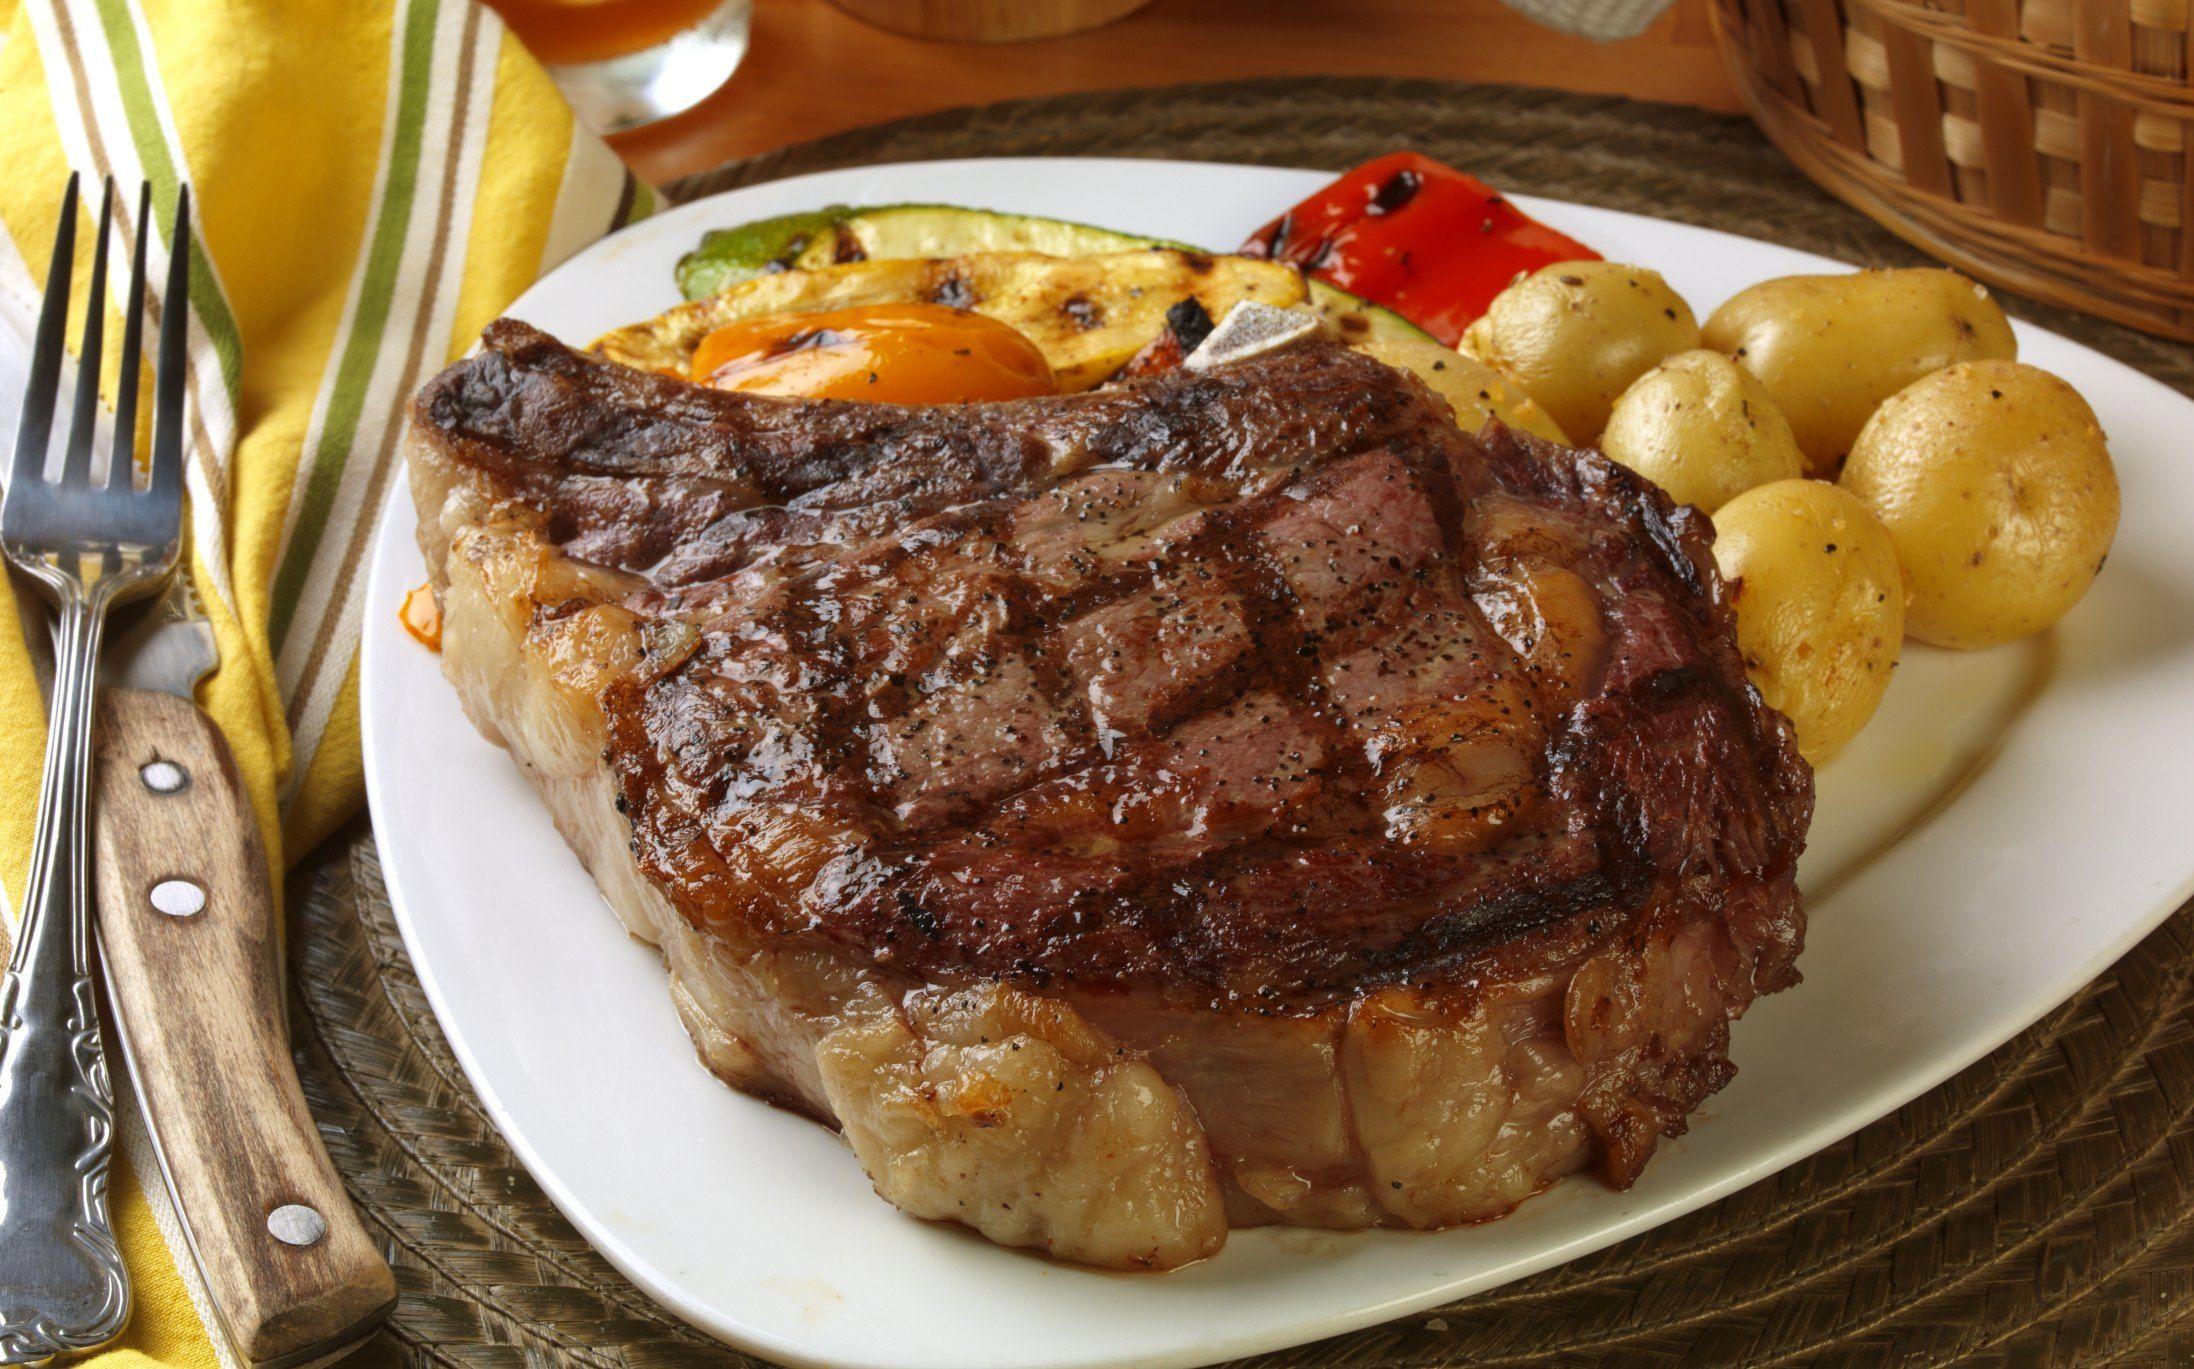 Картинки с ужином мясо, где когда картинки